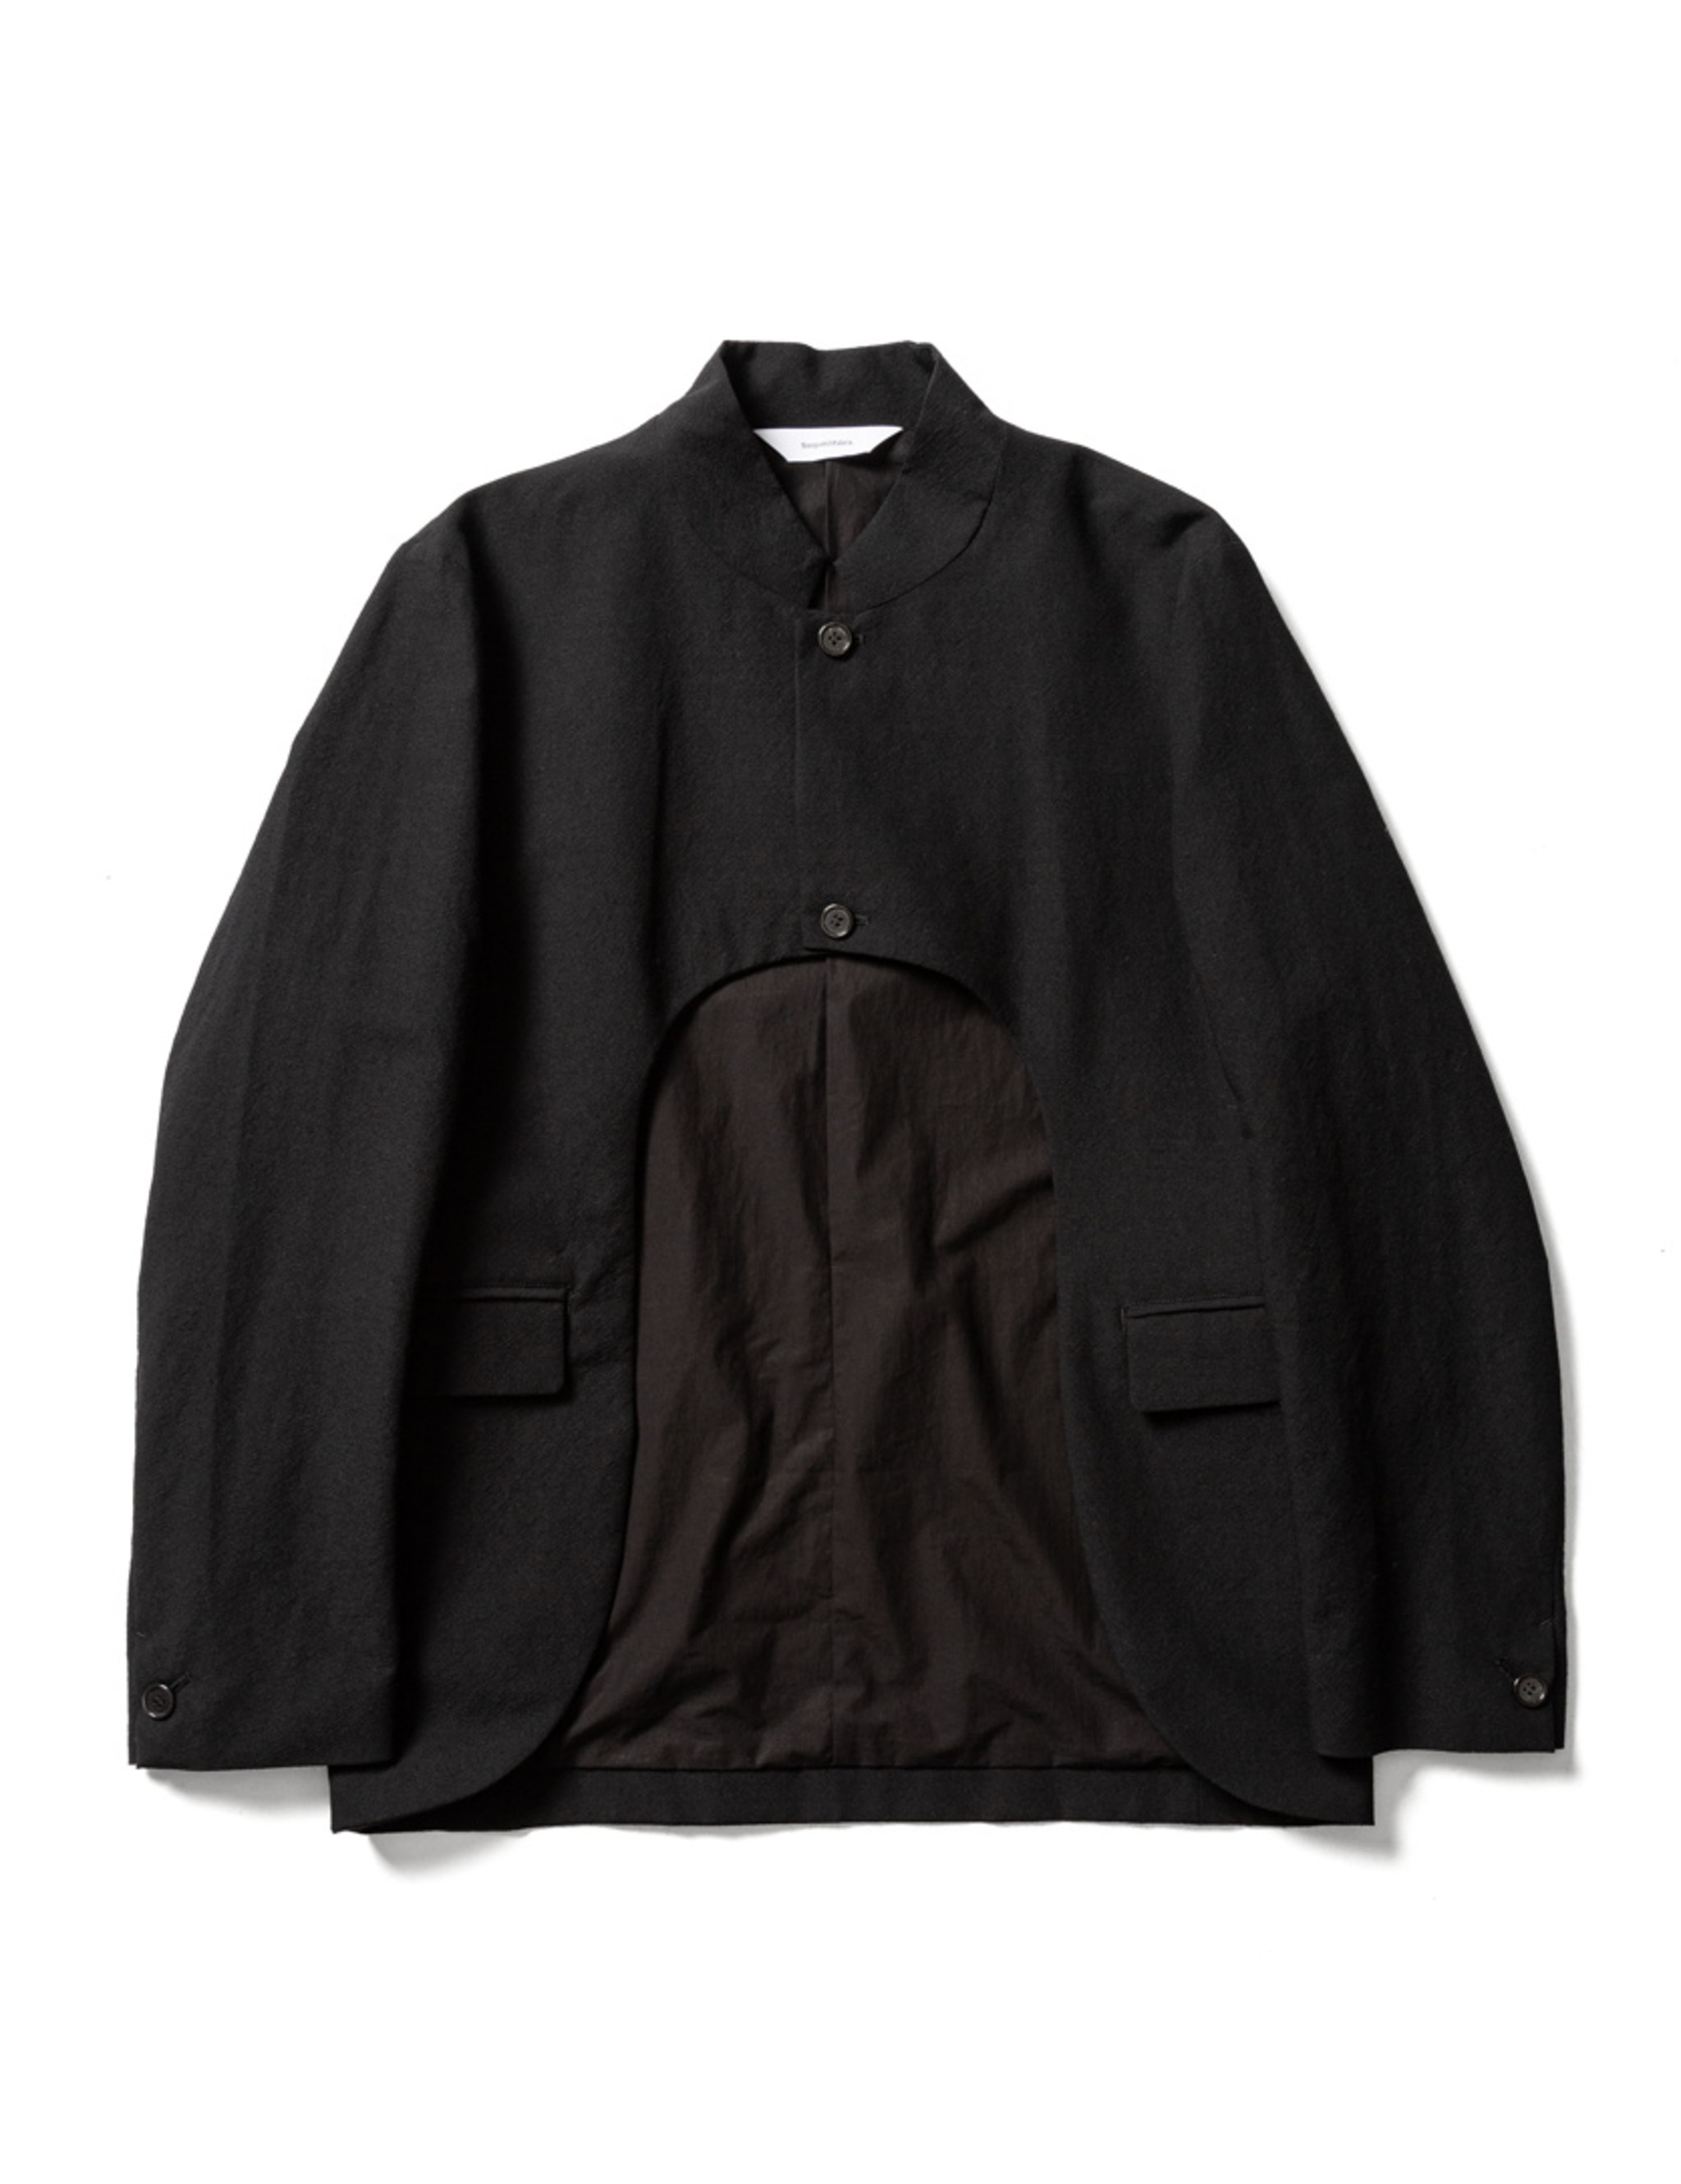 Sasquatchfabrix. BOLERO JACKET - Black